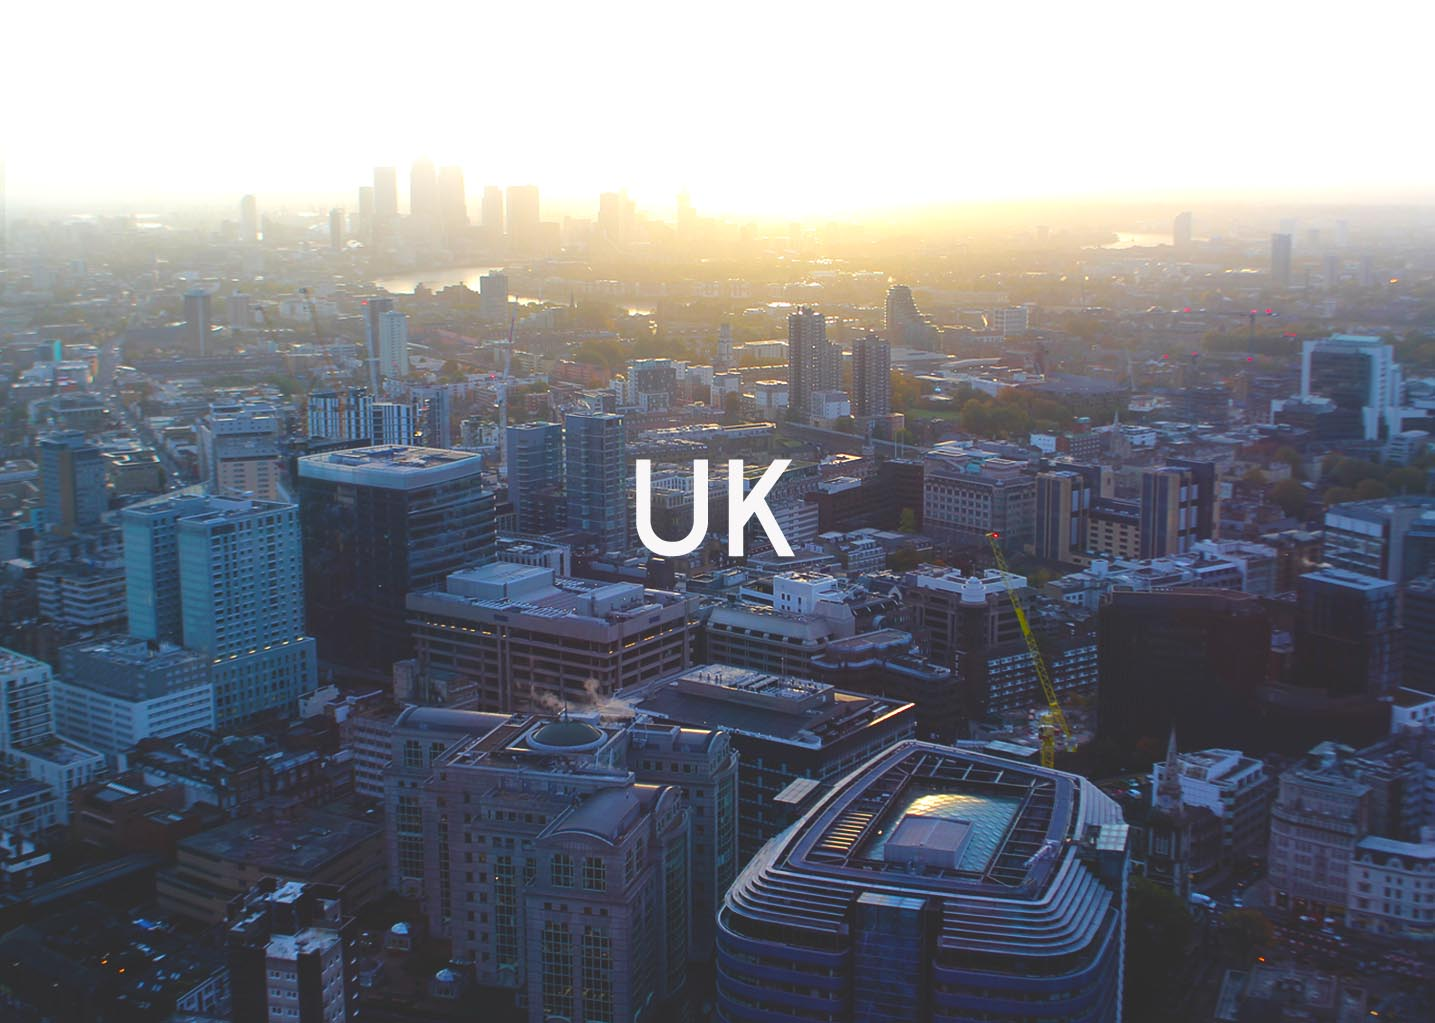 U.K. Gallery